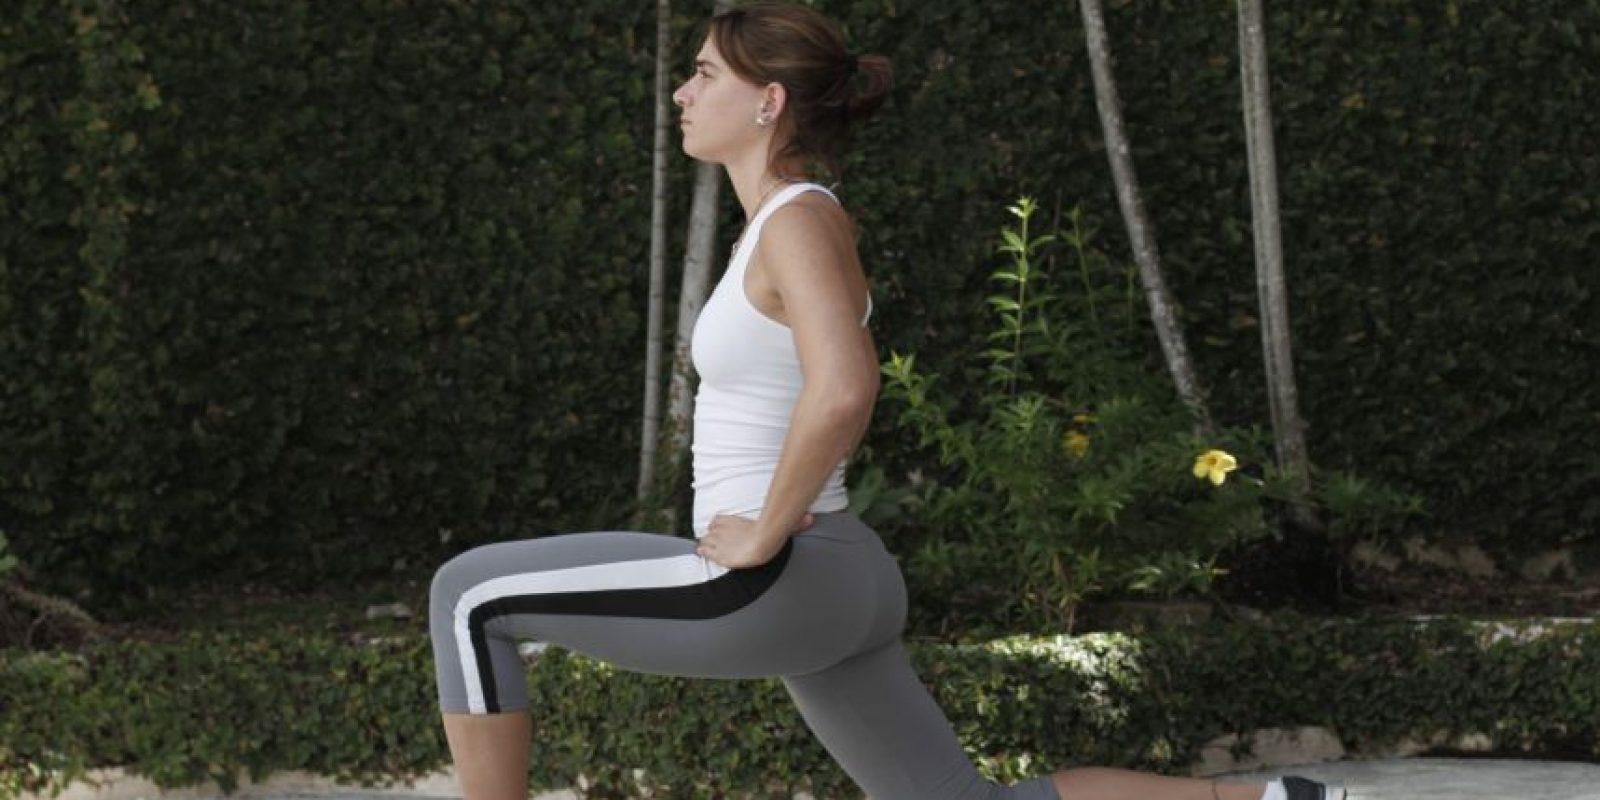 1Lunge Preparación: Separa las piernas al nivel de los hombros y coloca las manos en la cintura. Ejecución: Da un paso hacia adelante flexionando la rodilla hasta que la pierna de atrás casi toque el suelo.Incorpórate a la posición original y haz lo mismo con la otra pierna. Un consejo: No dejes que la rodilla de tu pierna delantera pase los dedos del pie. Mantén el pecho derecho, los abdominales contraídos y los hombros para atrás. Músculos a trabajar: Cuádriceps, gluteos, pantorrillas